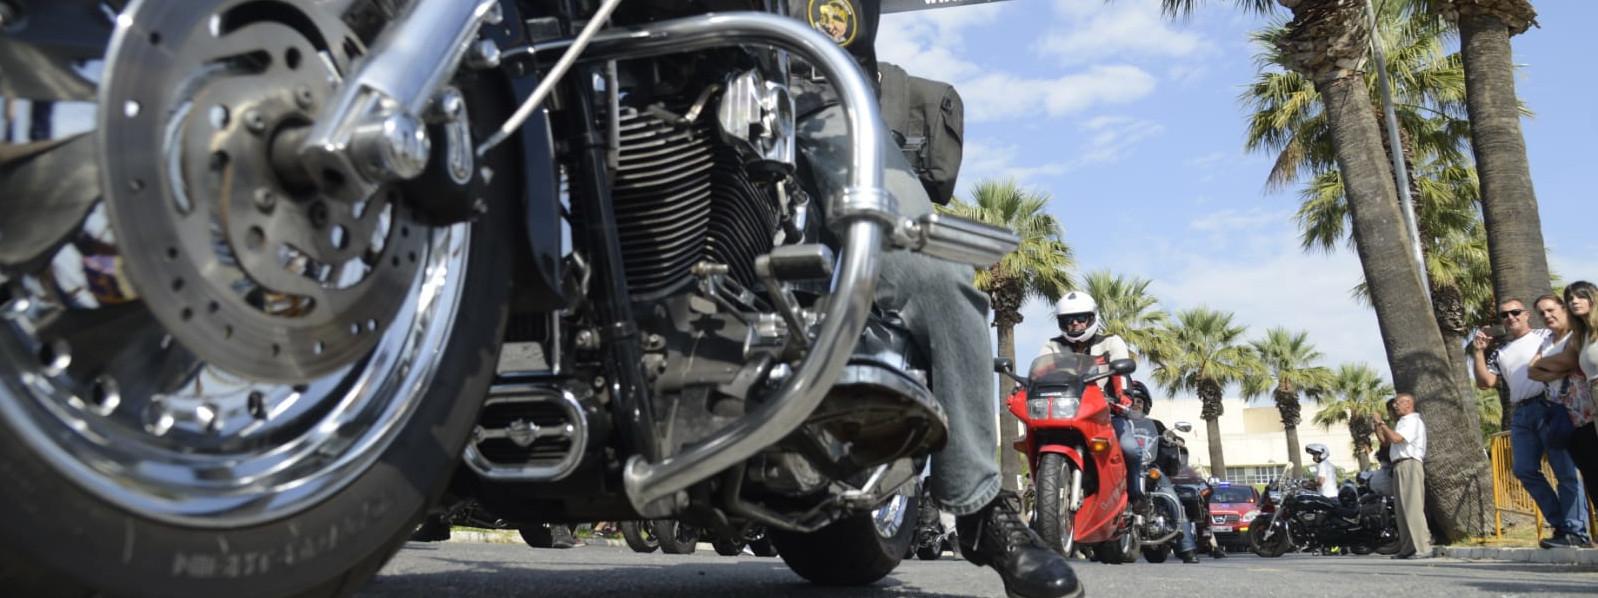 concentracion mototuristica torremolinos